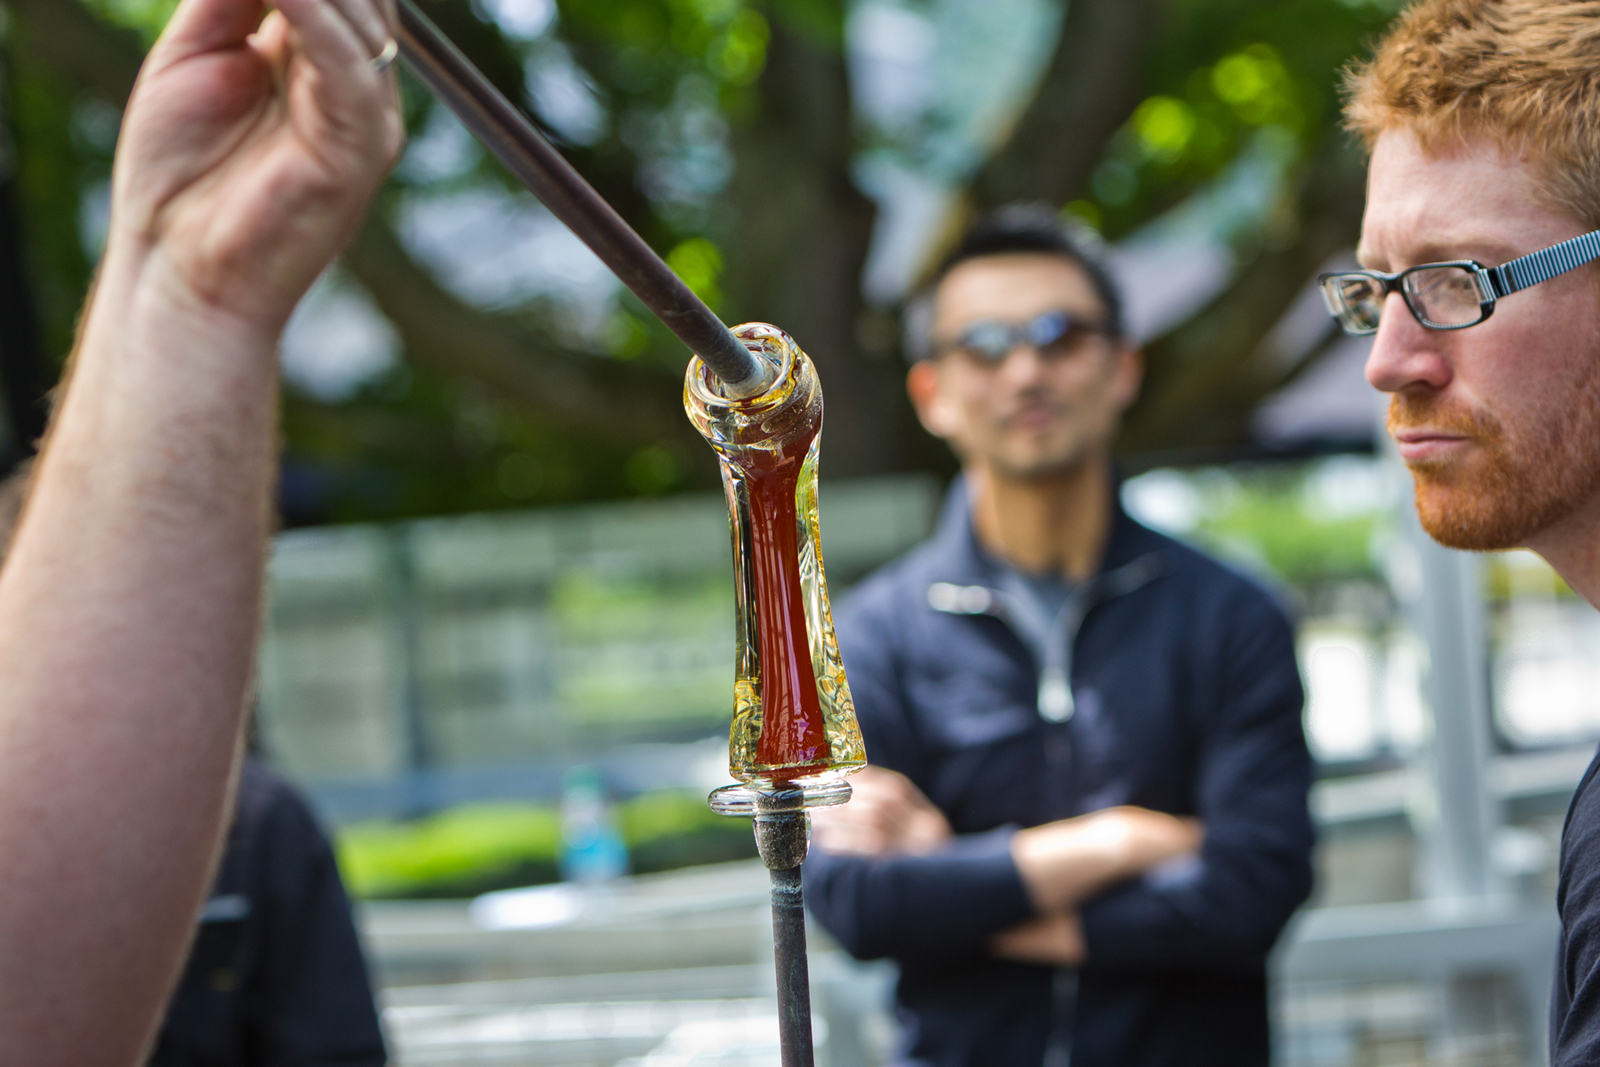 Designer Masamichi Udagawa at GlassLab in Corning, June 2012